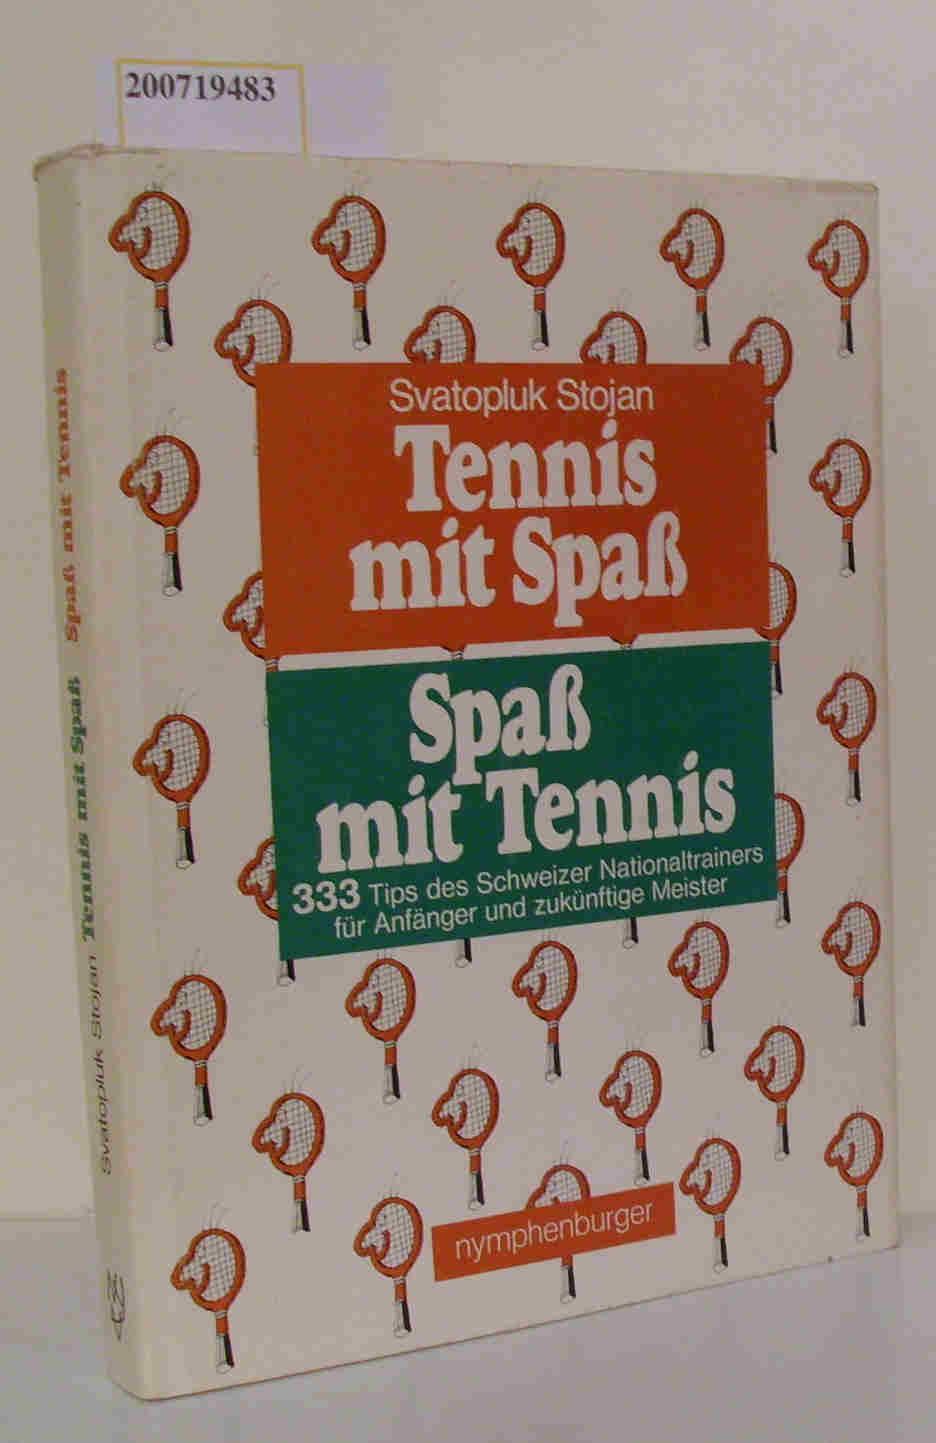 Tennis mit Spass - Spass mit Tennis 333 Tips d. Schweizer Nationaltrainers für Anfänger u. zukünftige Meister / Svatopluk Stojan